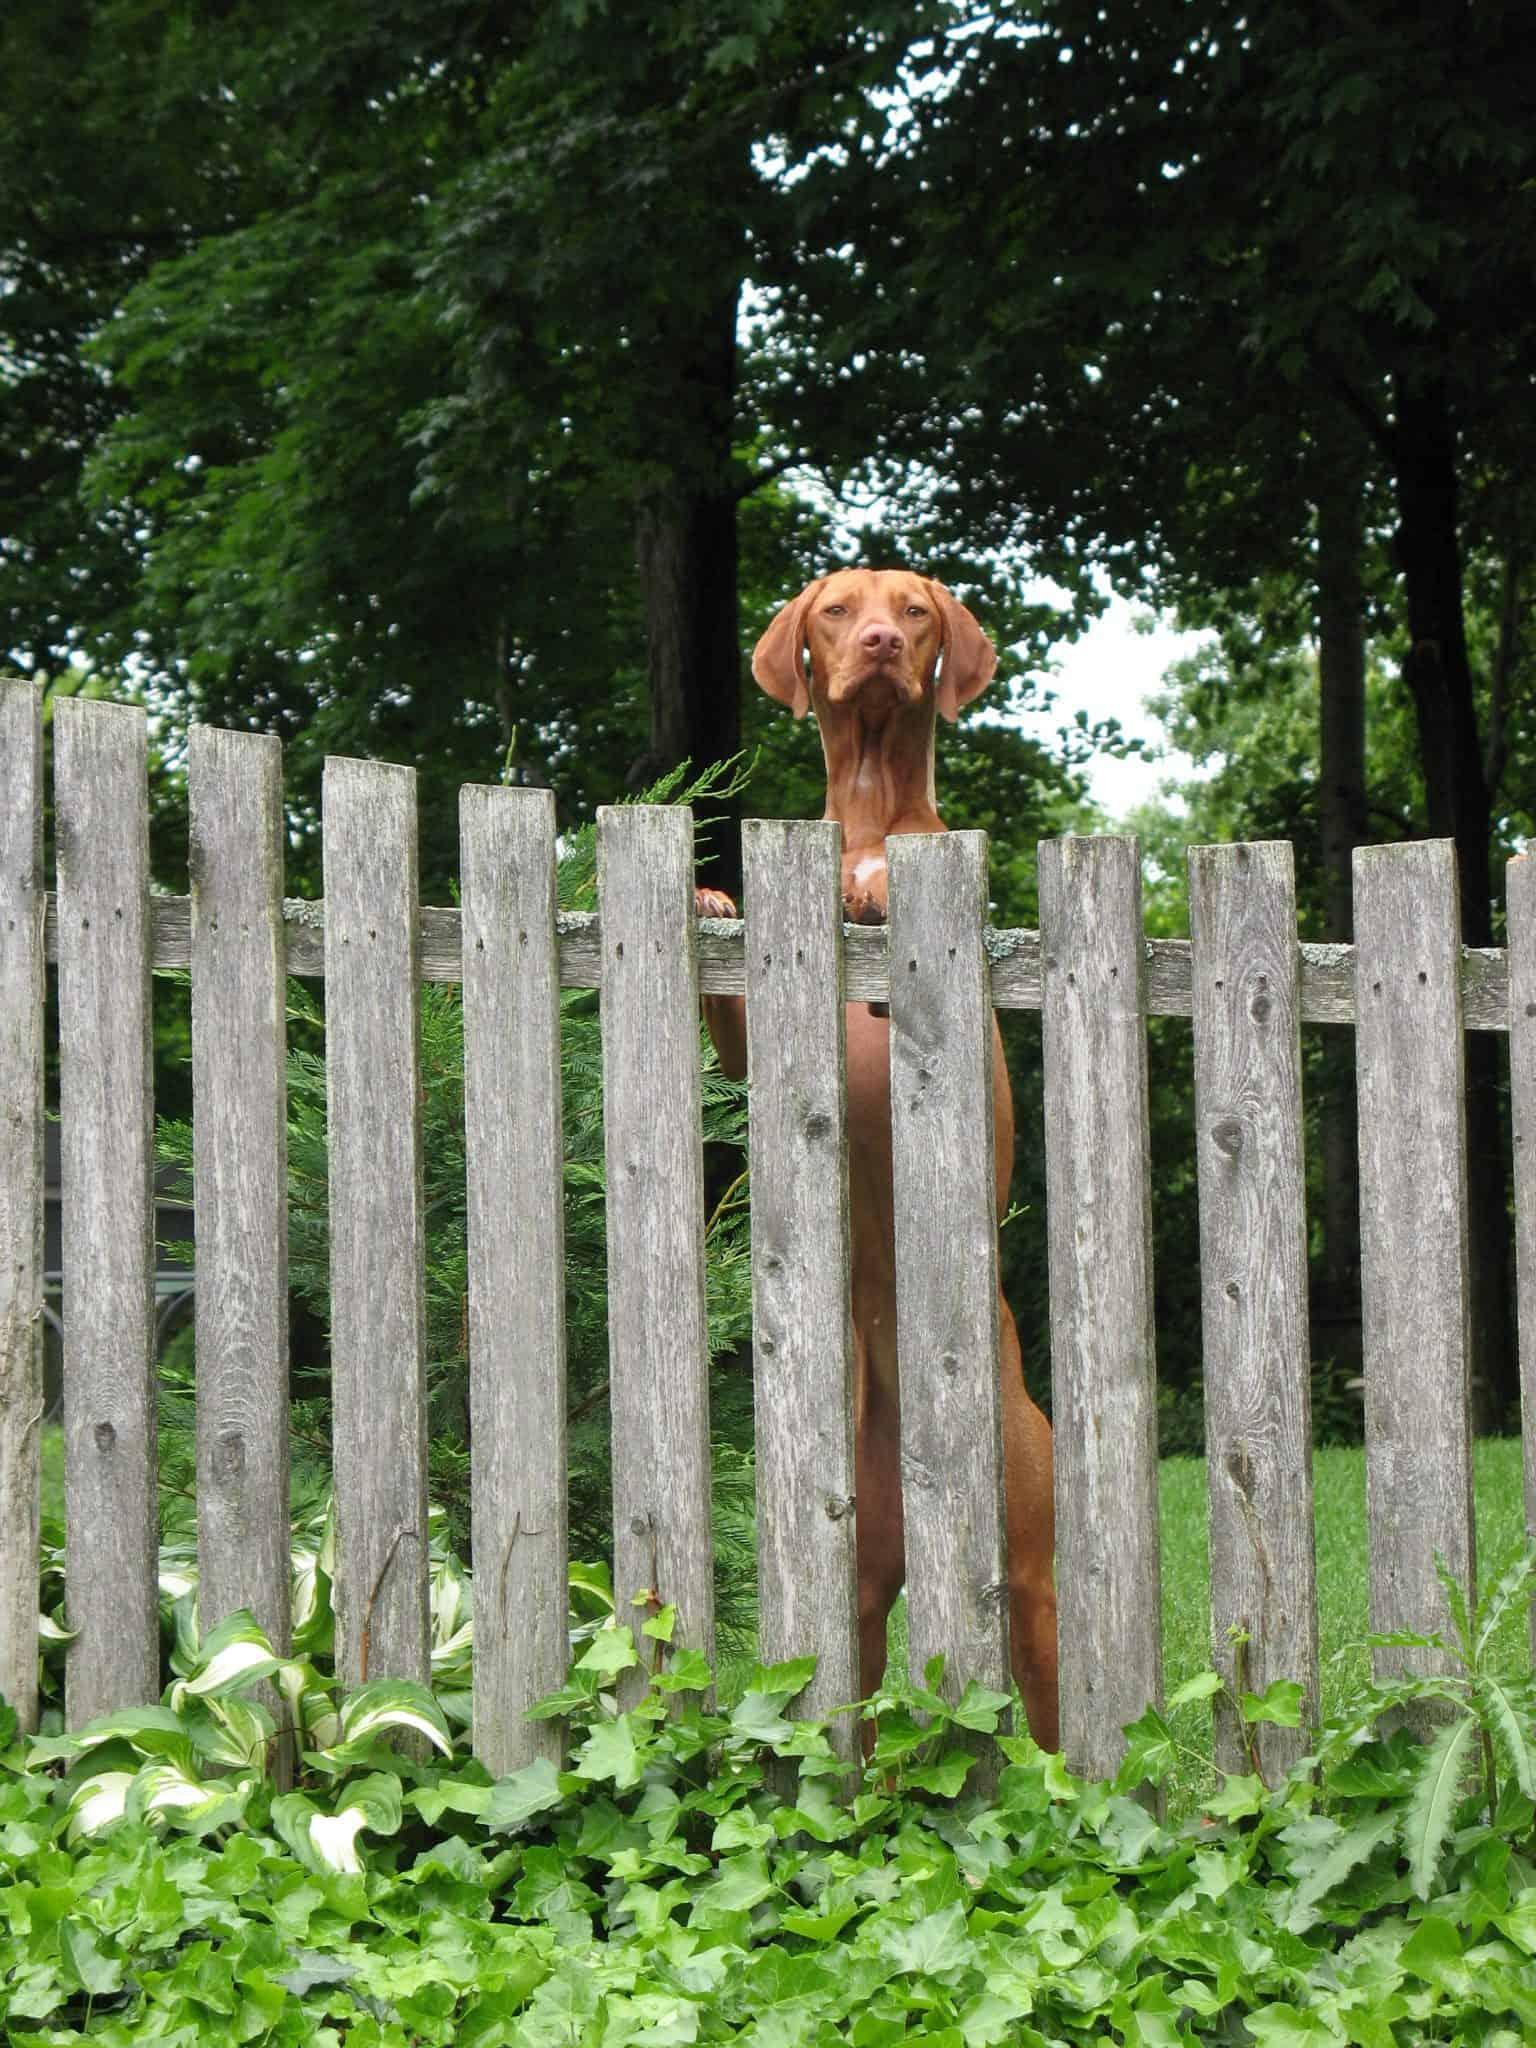 12.dog run ideas how to build a backyard dog run guide VIA SIMPHOME.COM 1